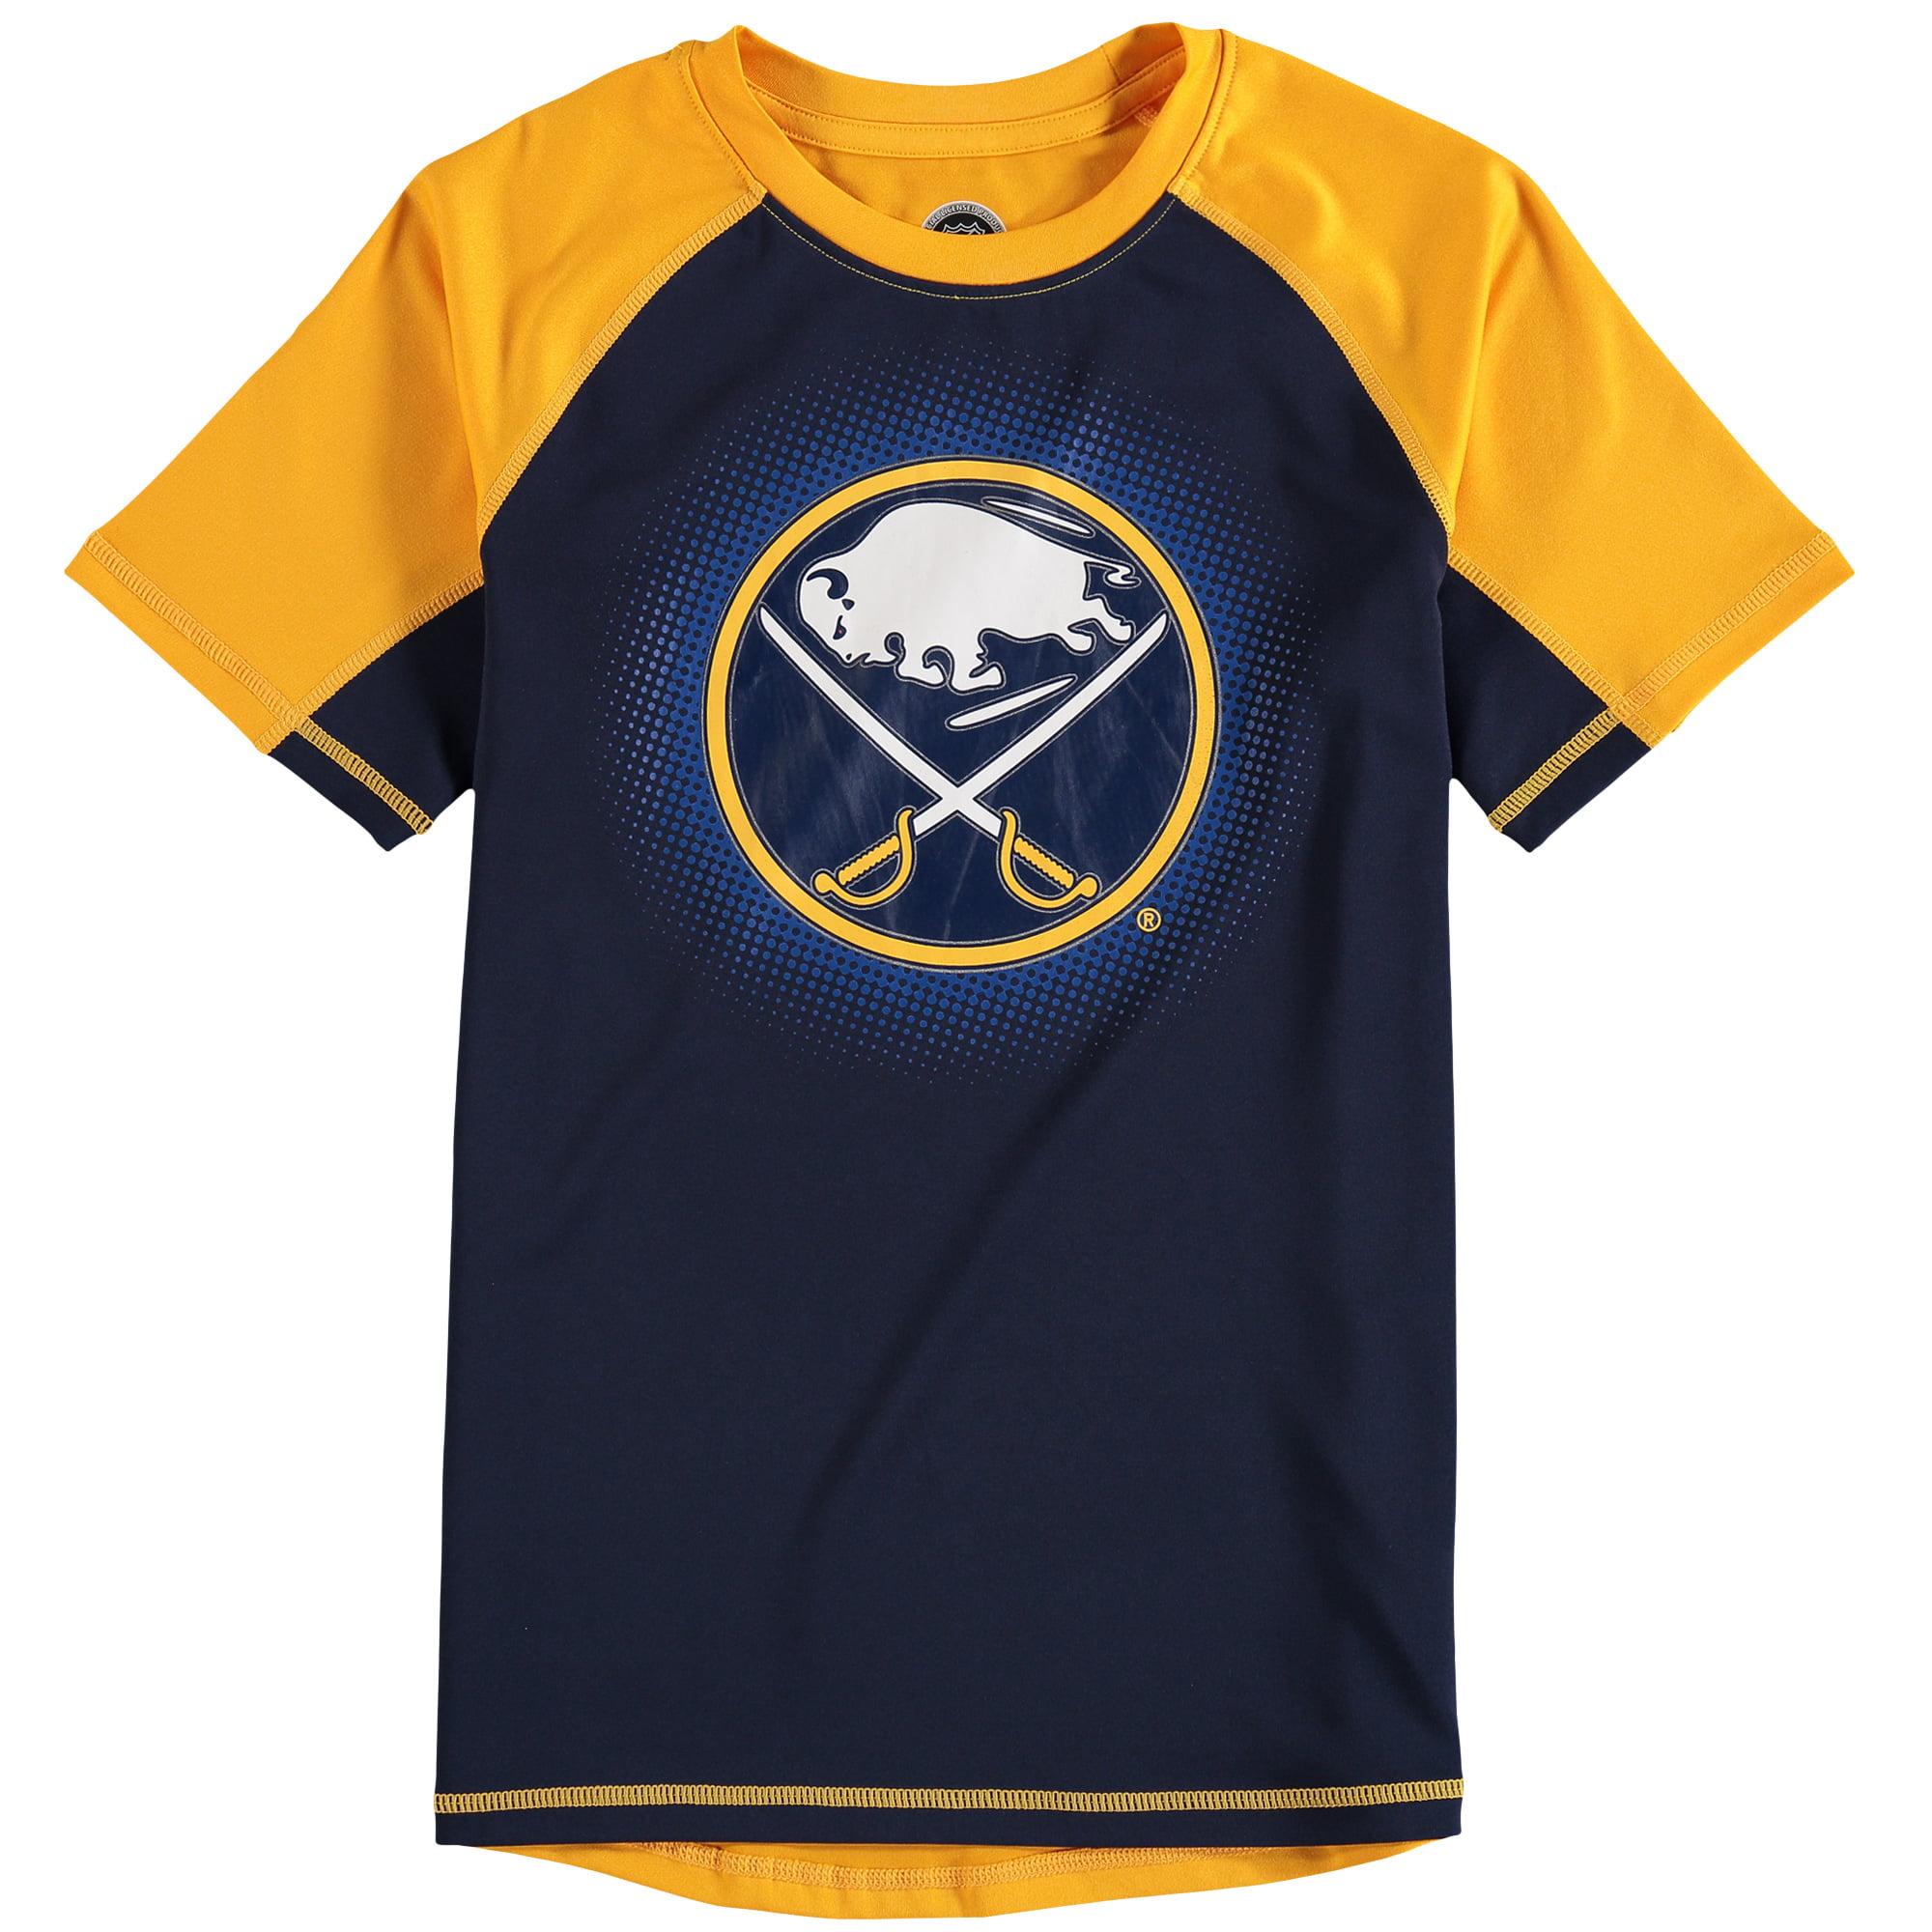 Buffalo Sabres Youth Color Block Rash Guard T-Shirt - Navy/Gold